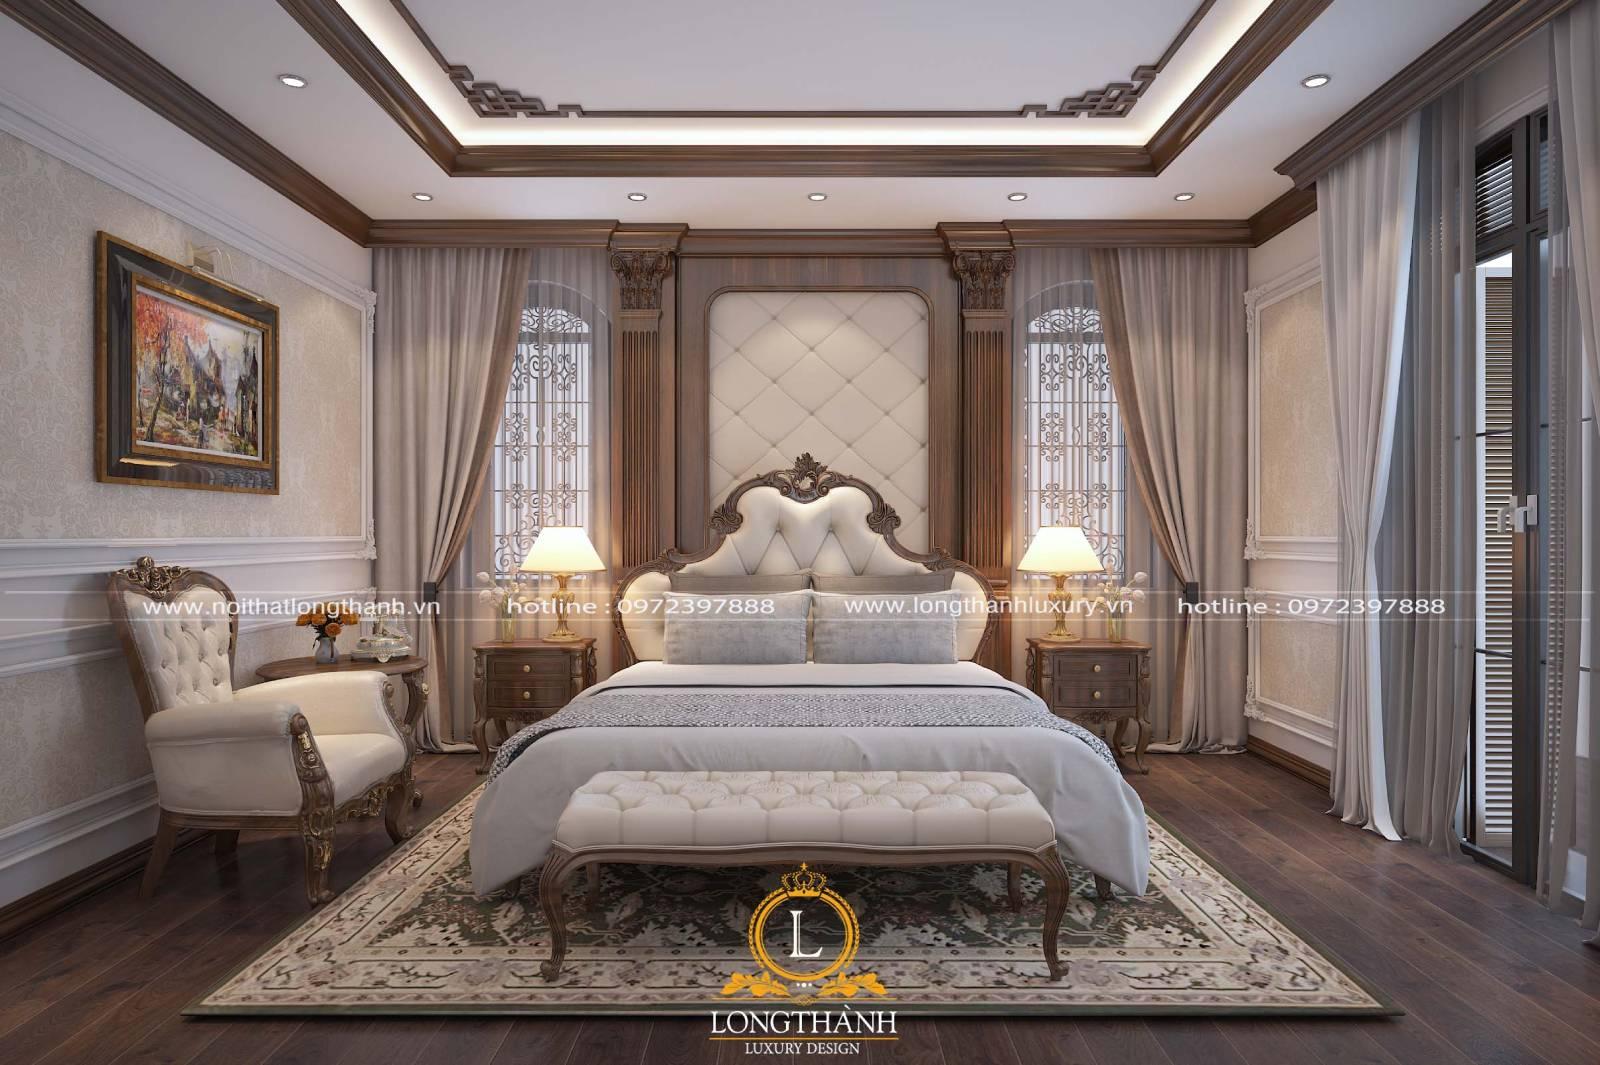 Sử dụng mẫu tap đầu giường sang trọng cho phòng ngủ nhỏ